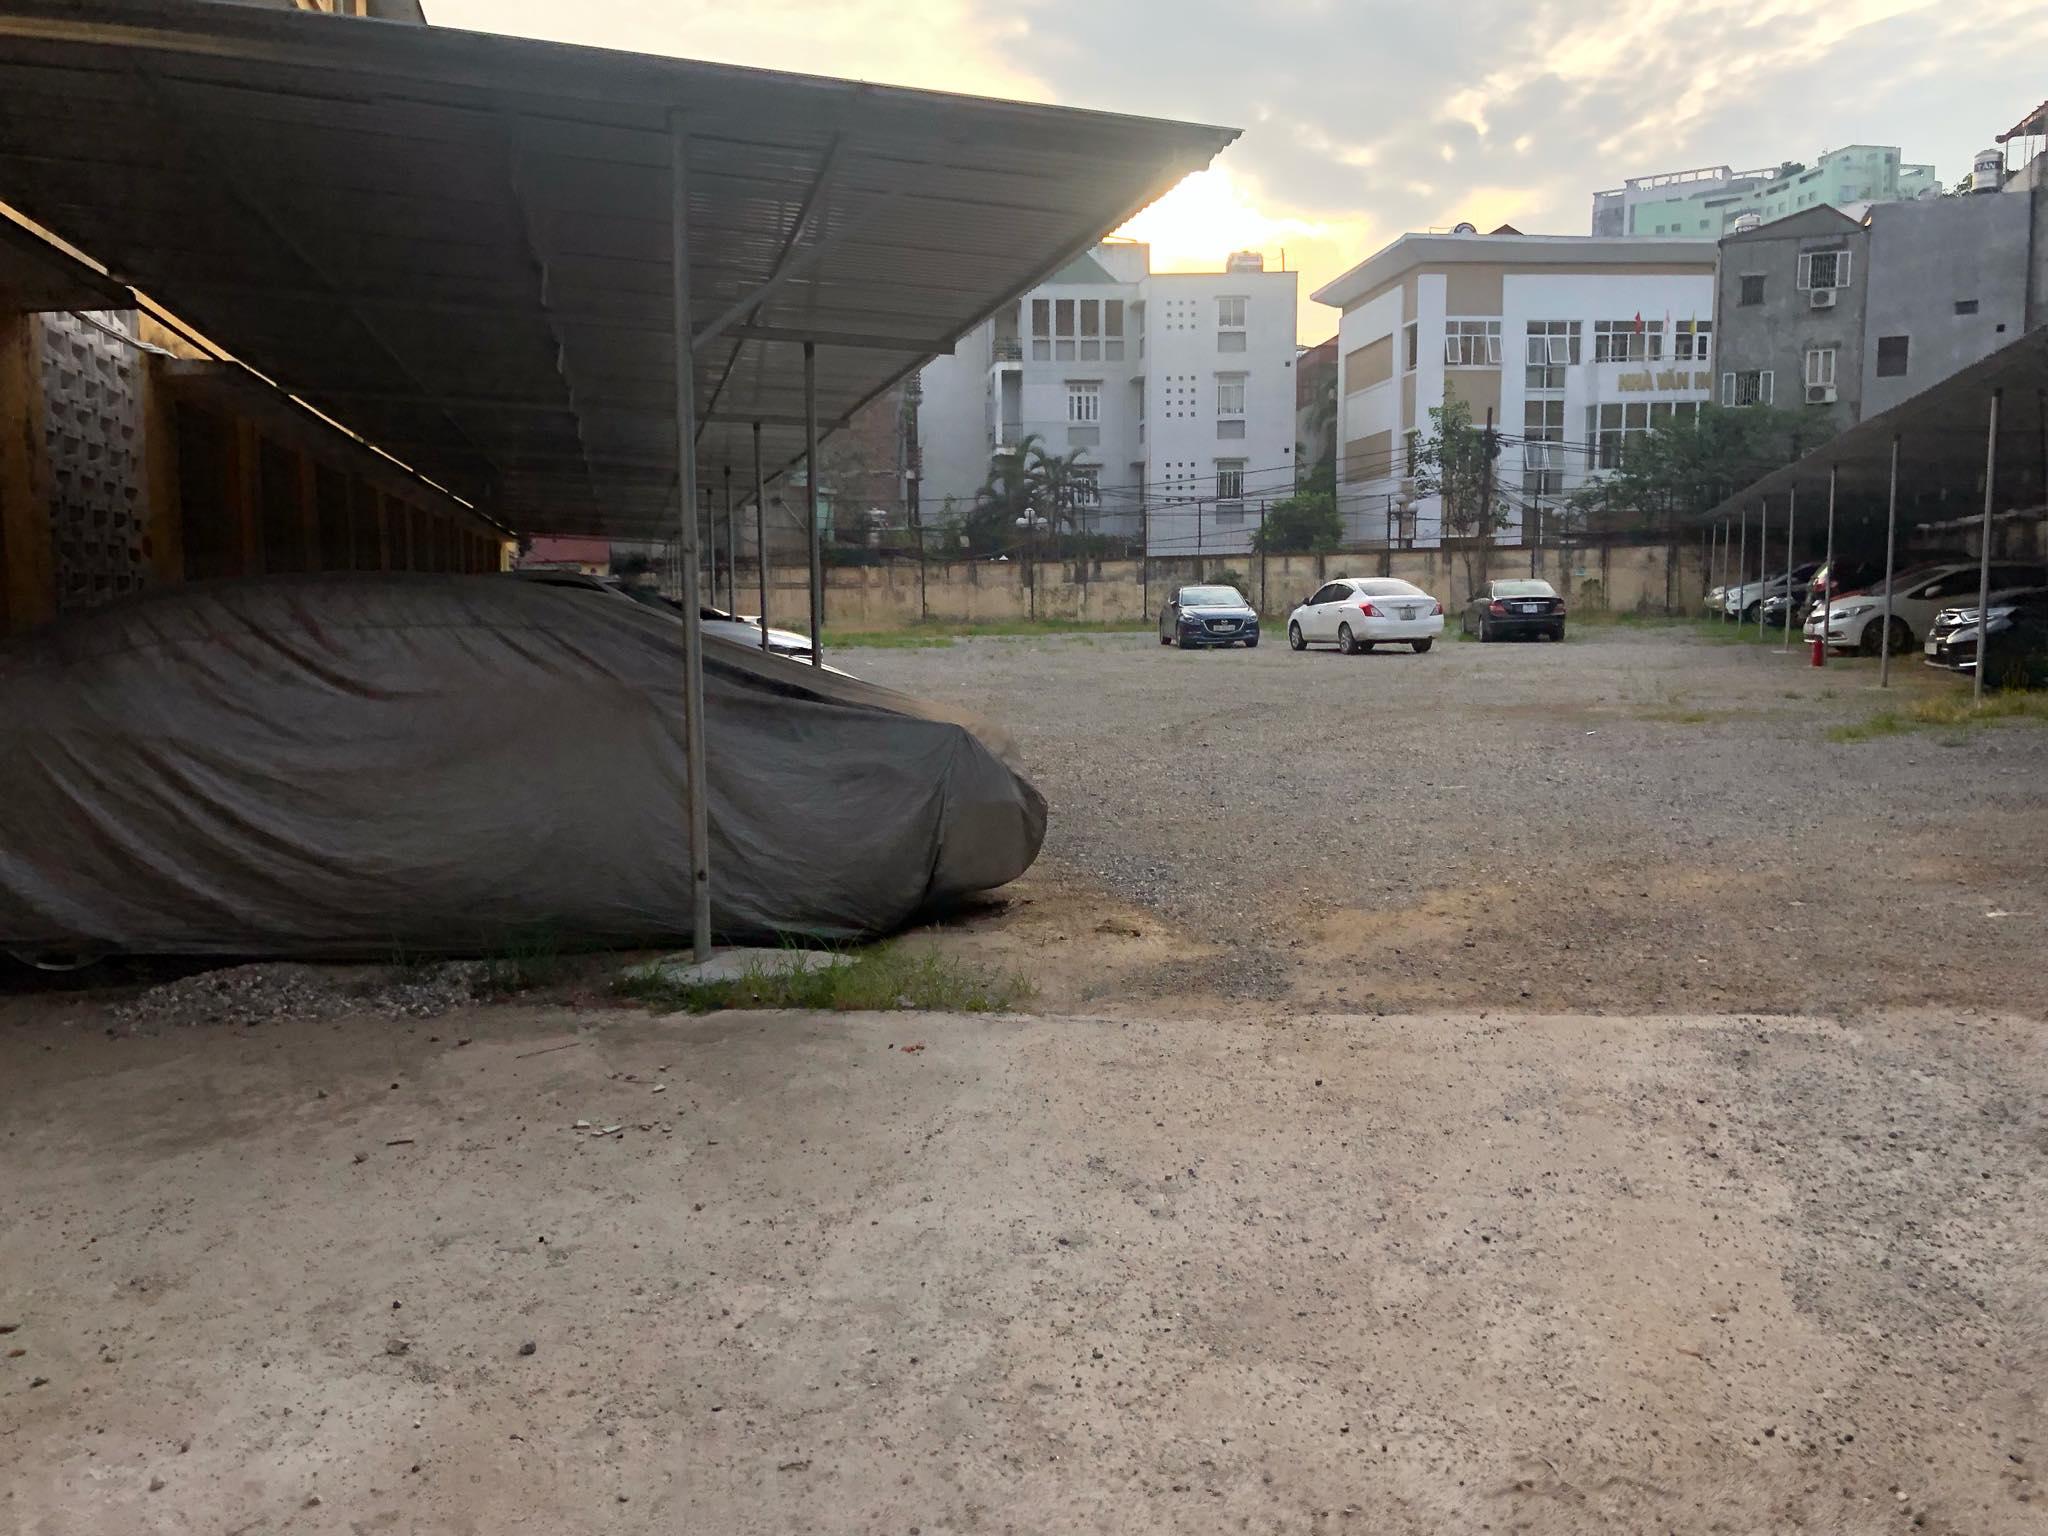 Trường đại học Thủ đô Hà Nội: Sử dụng tài sản công sai mục đích? - ảnh 1